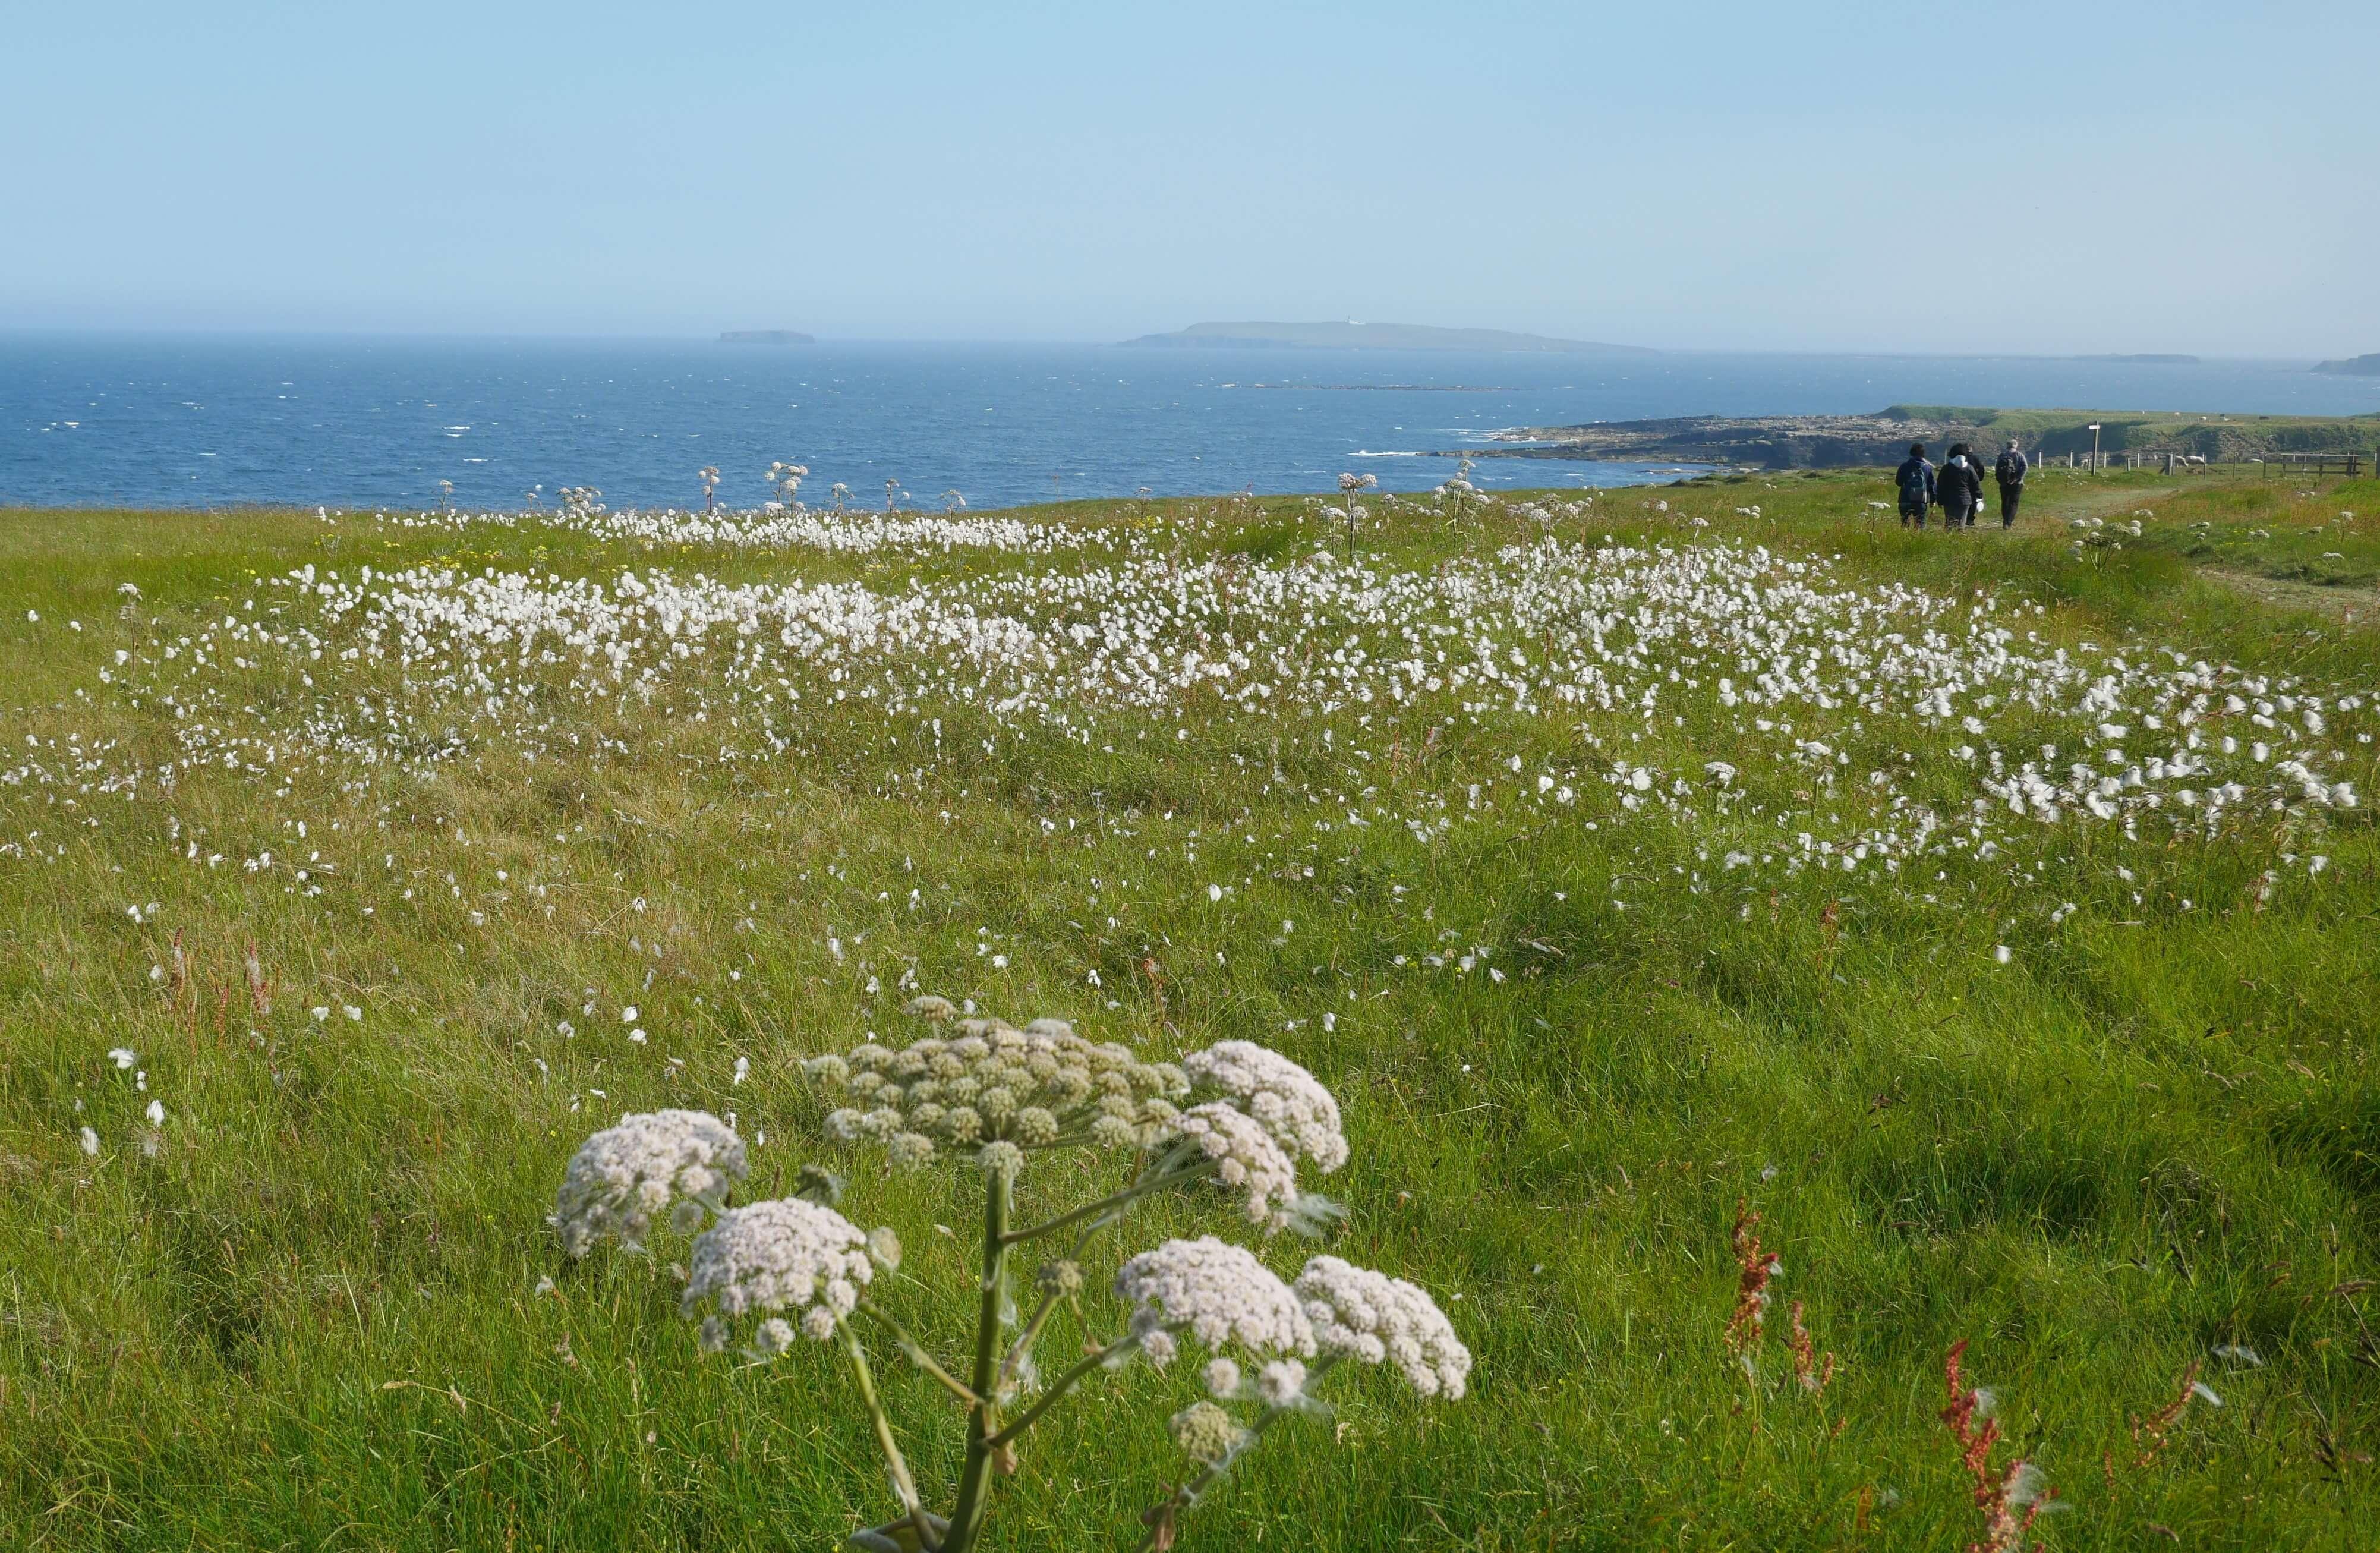 Mull Head walk, Deerness, Orkney Islands Mainland - www.Orkneyology.com